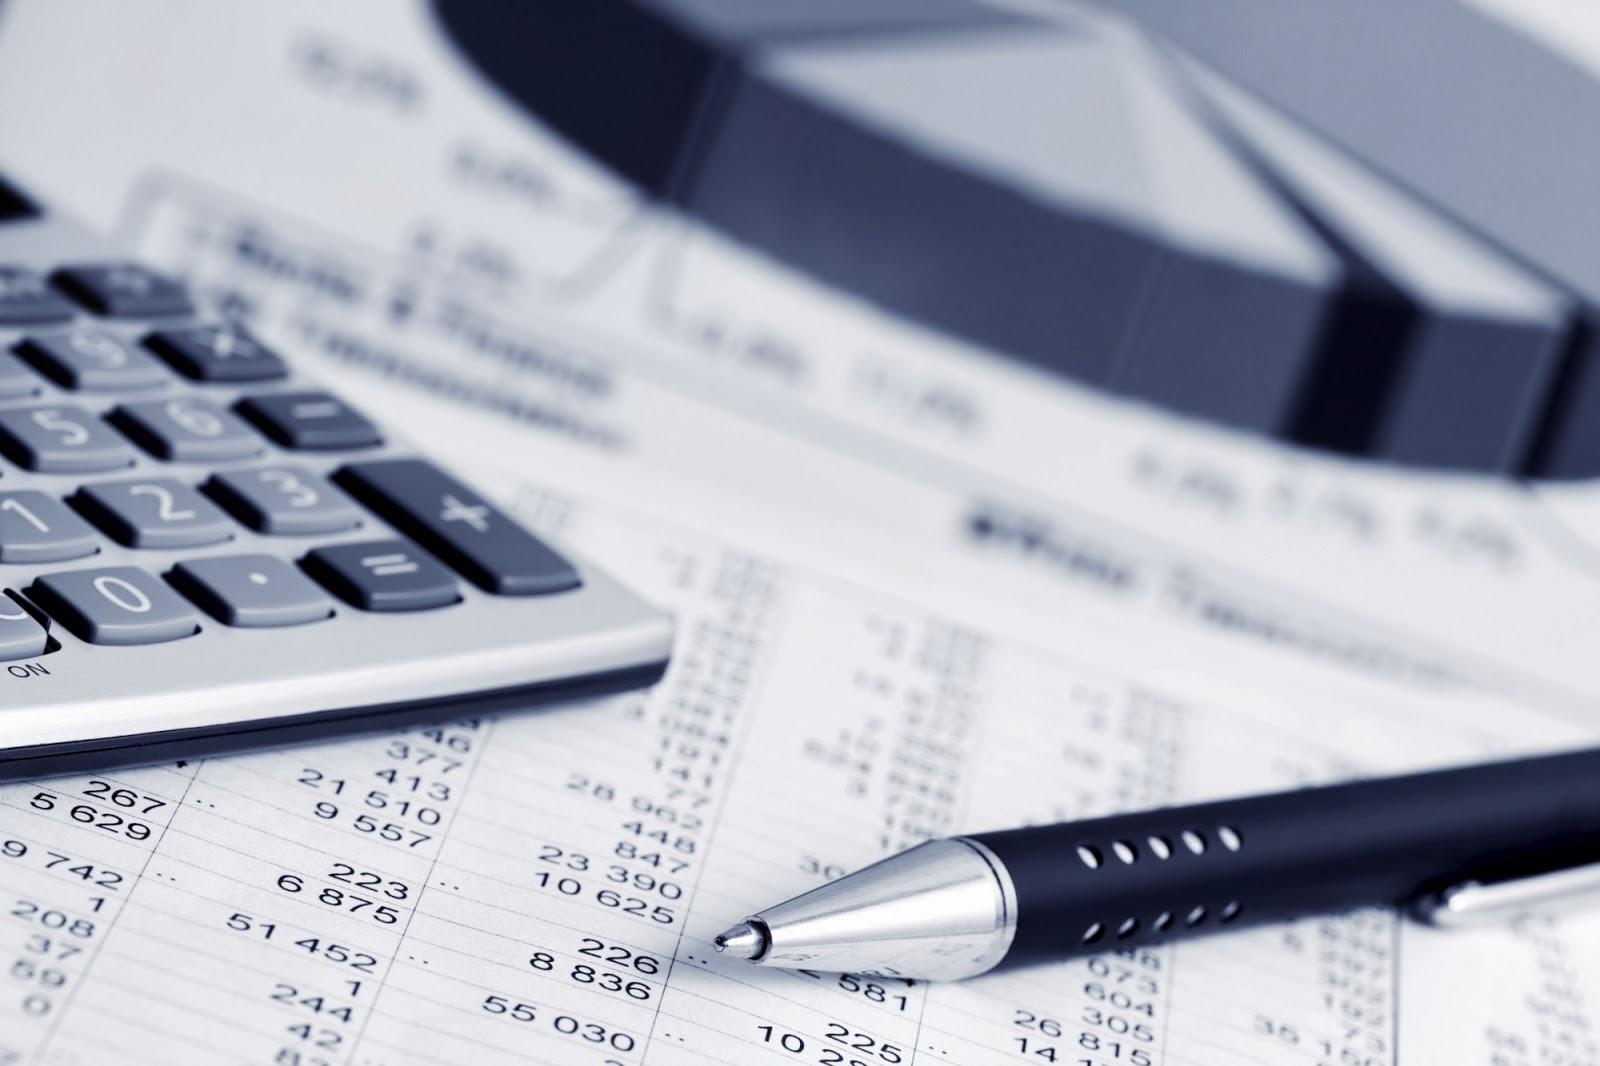 Kinh nghiệm làm hồ sơ vay vốn ngân hàng